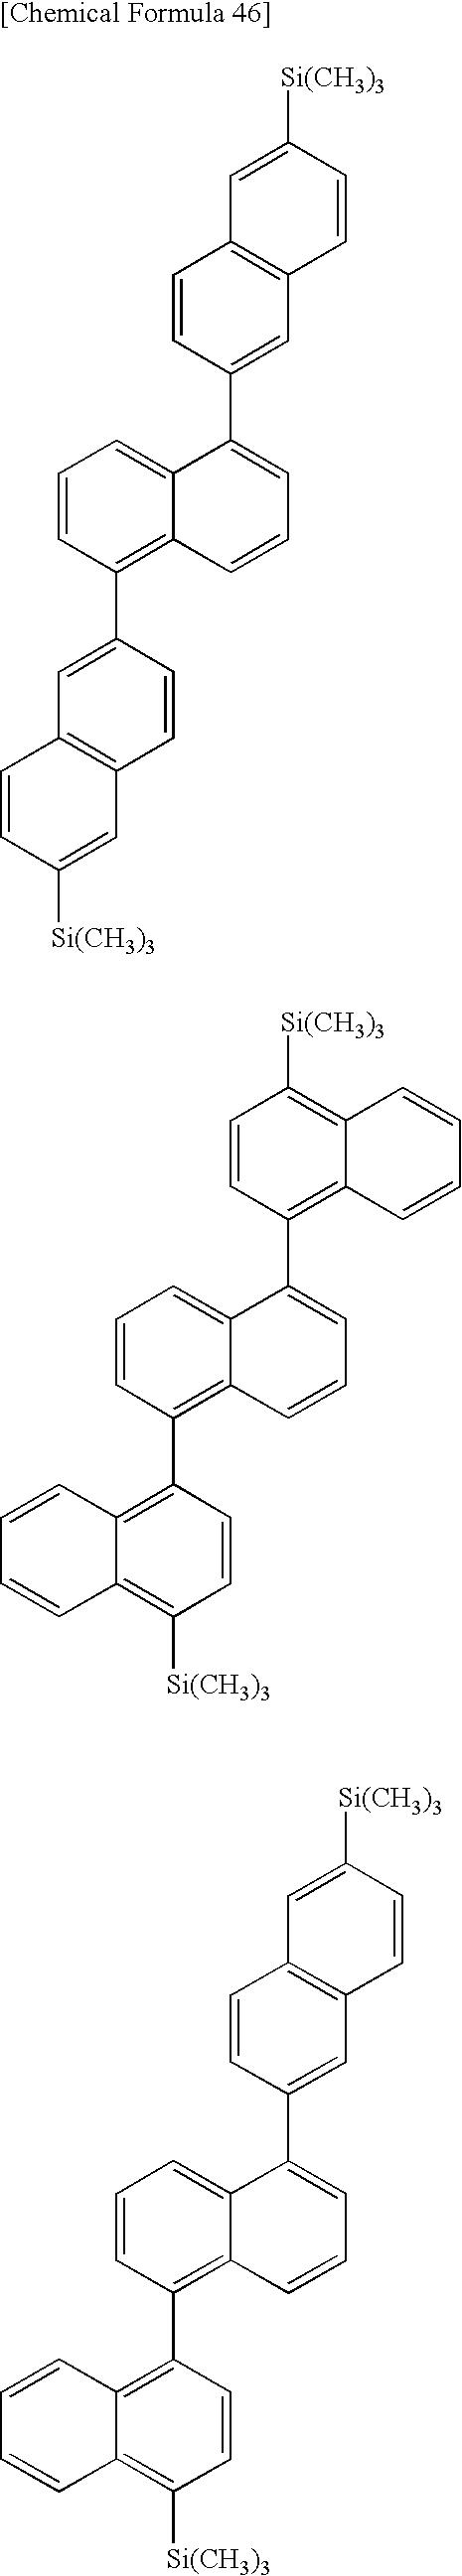 Figure US20100171109A1-20100708-C00067